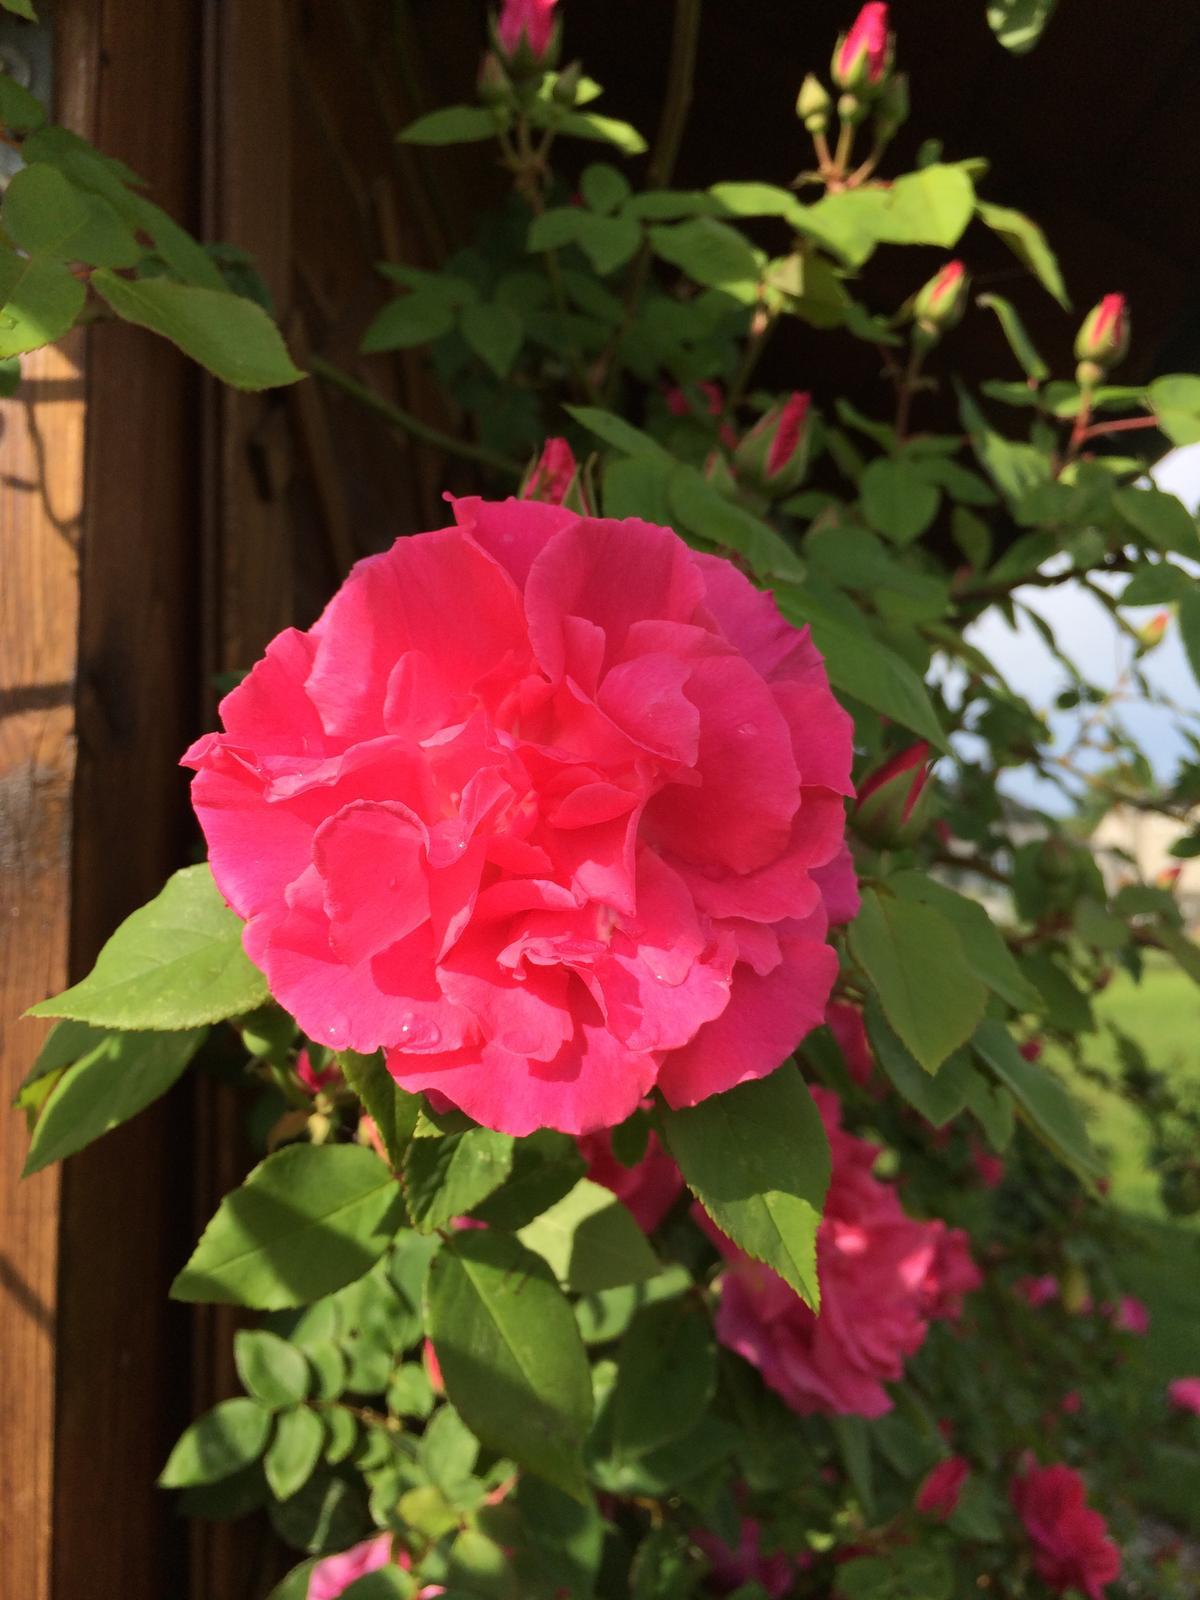 Dům i Zahrada 2019 - Miss ´Zeffy ´  alias Zéphirin Drouhin  beztrnná, silně vonící climber růže